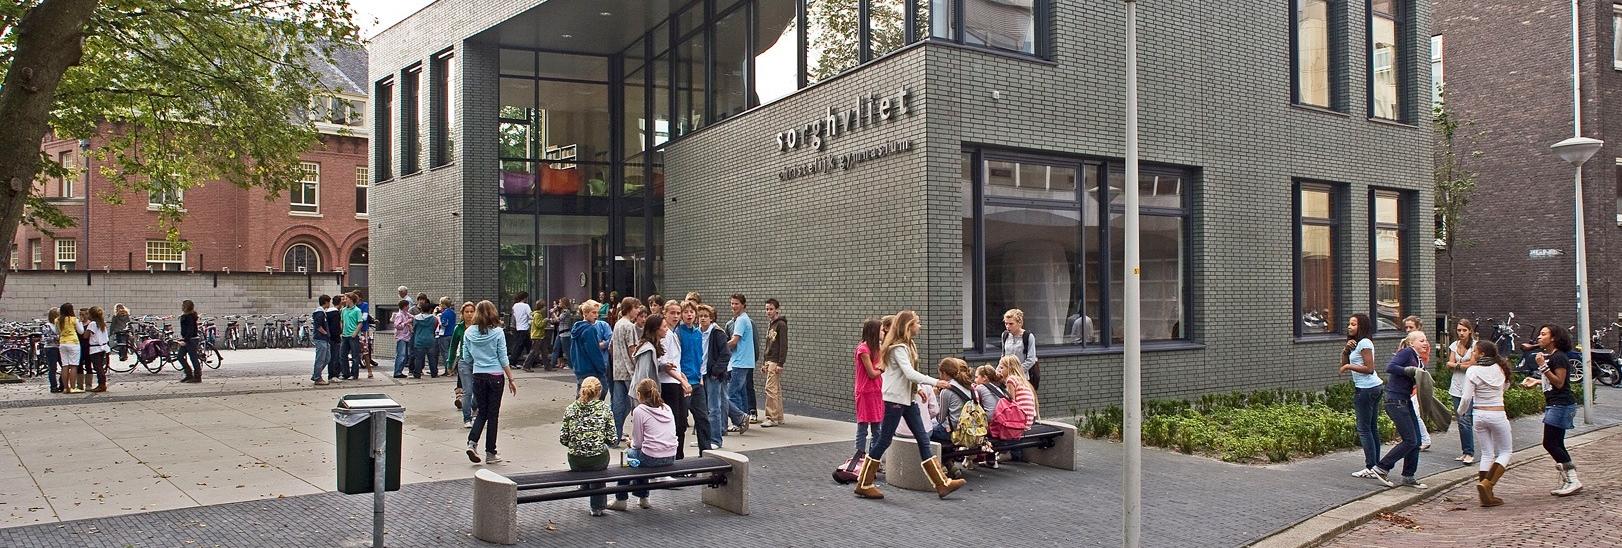 Den Haag gaat scholen helpen antisemitisme te voorkomen